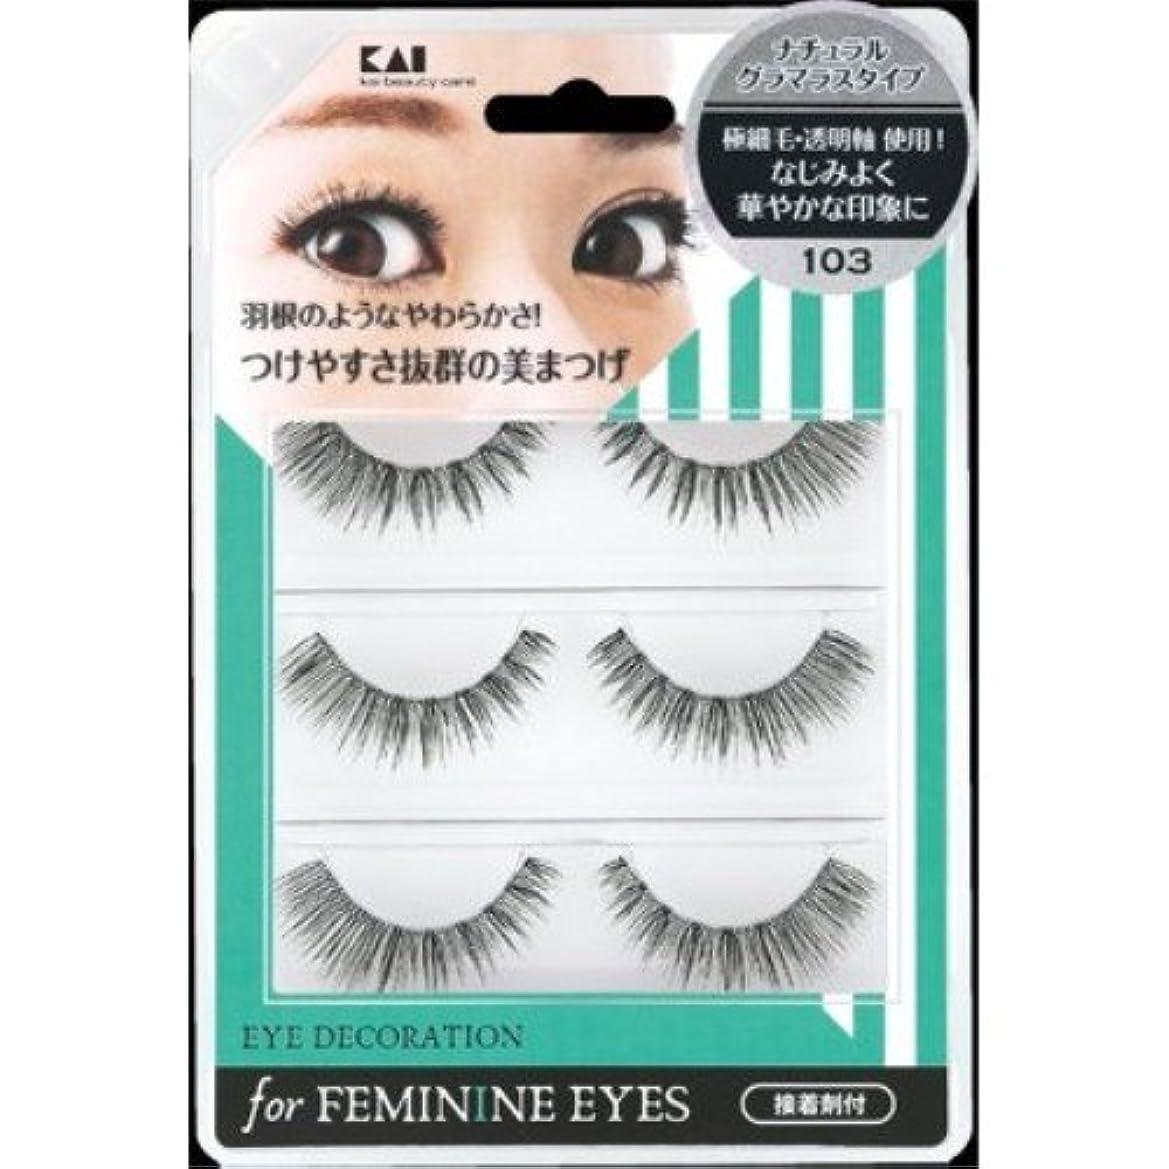 コールドラッカス委託貝印 アイデコレーション for feminine eyes 103 HC1557